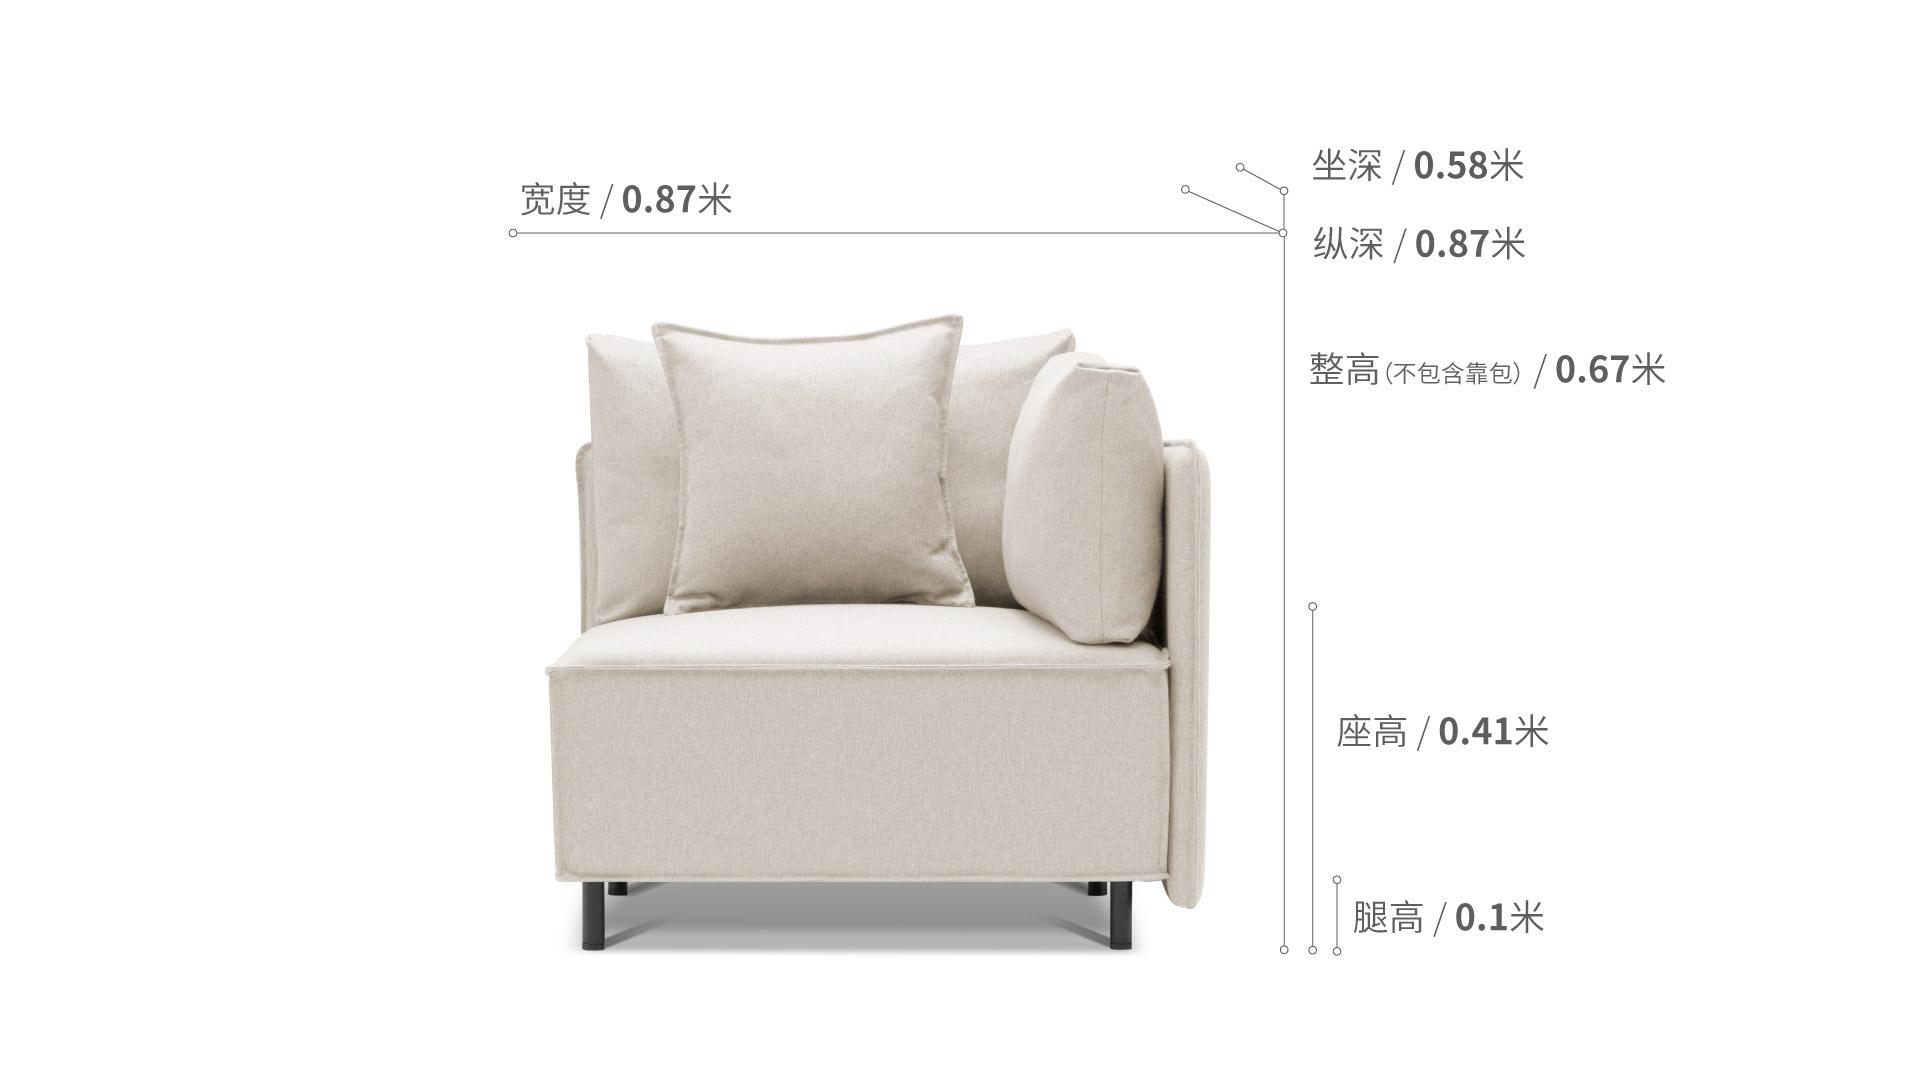 造作大先生沙发™扶手单人座沙发效果图